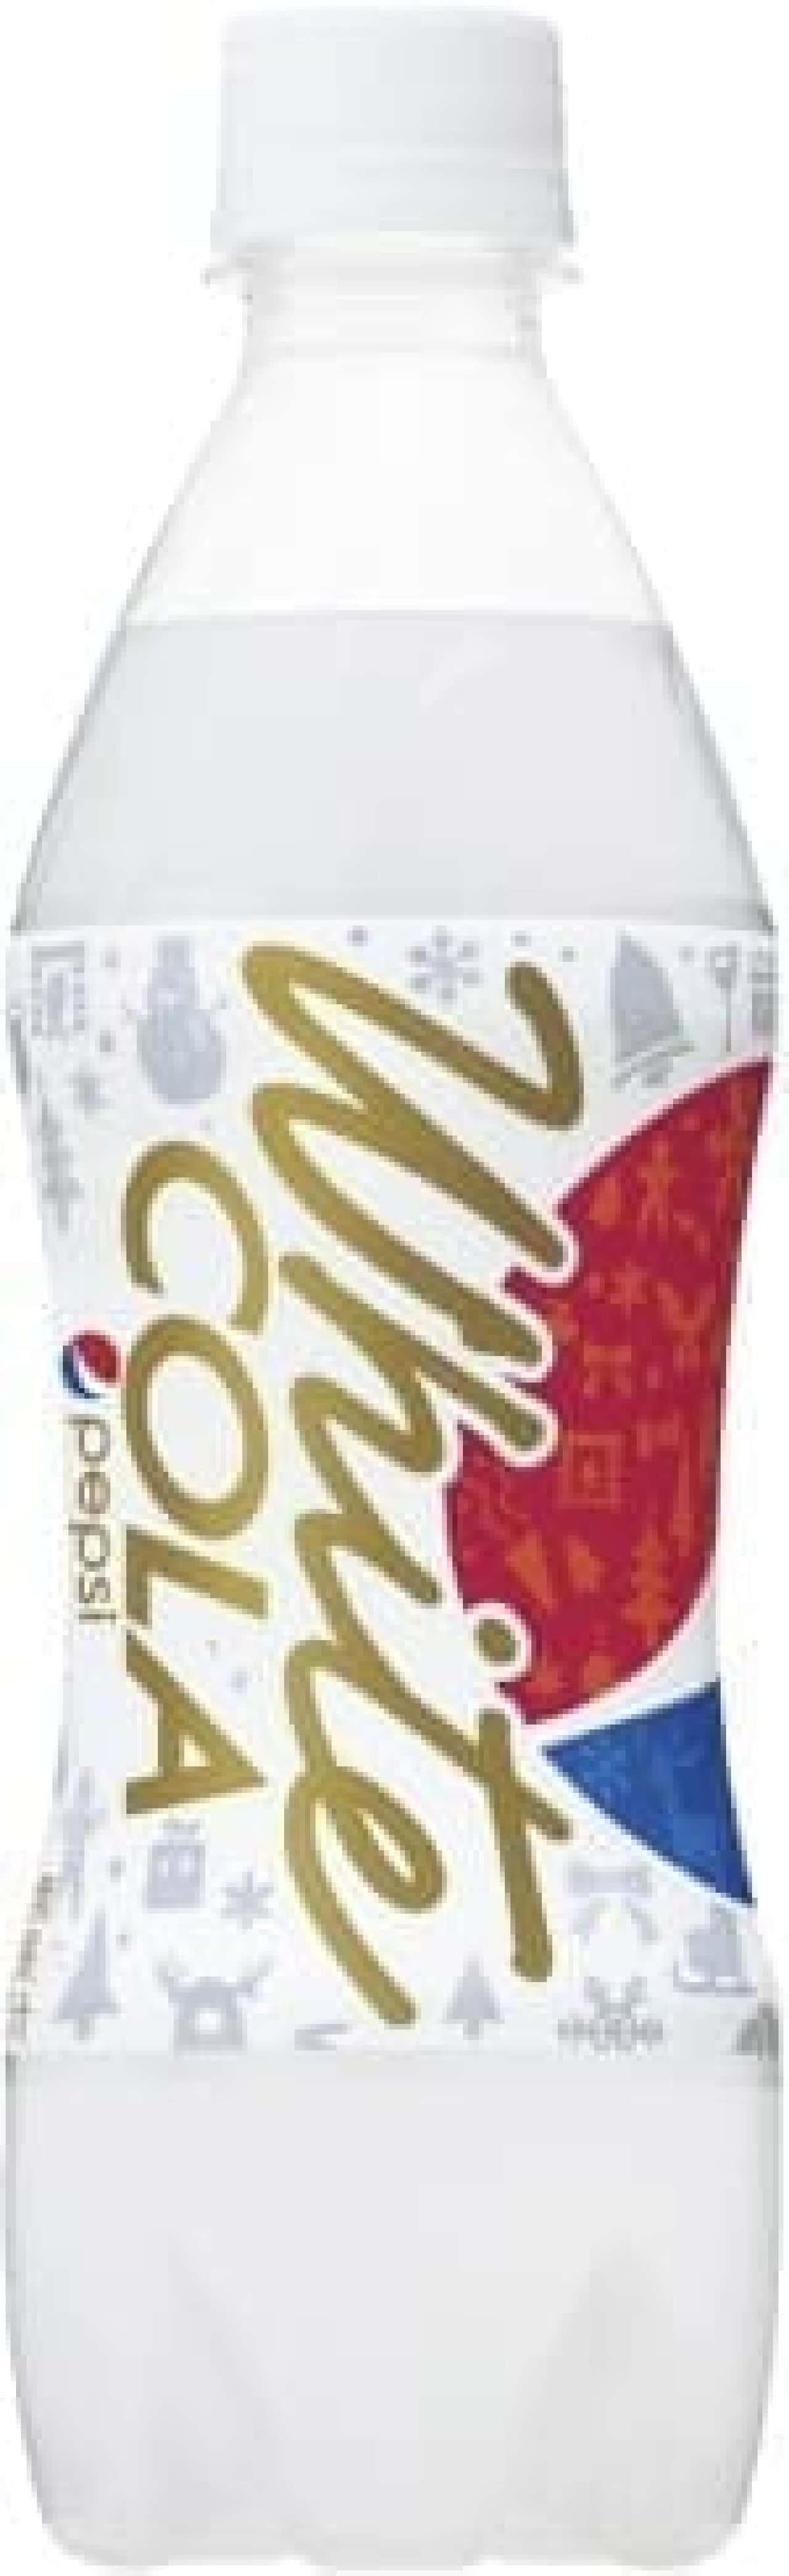 ほんのりシトラスが香るホワイトコーラ